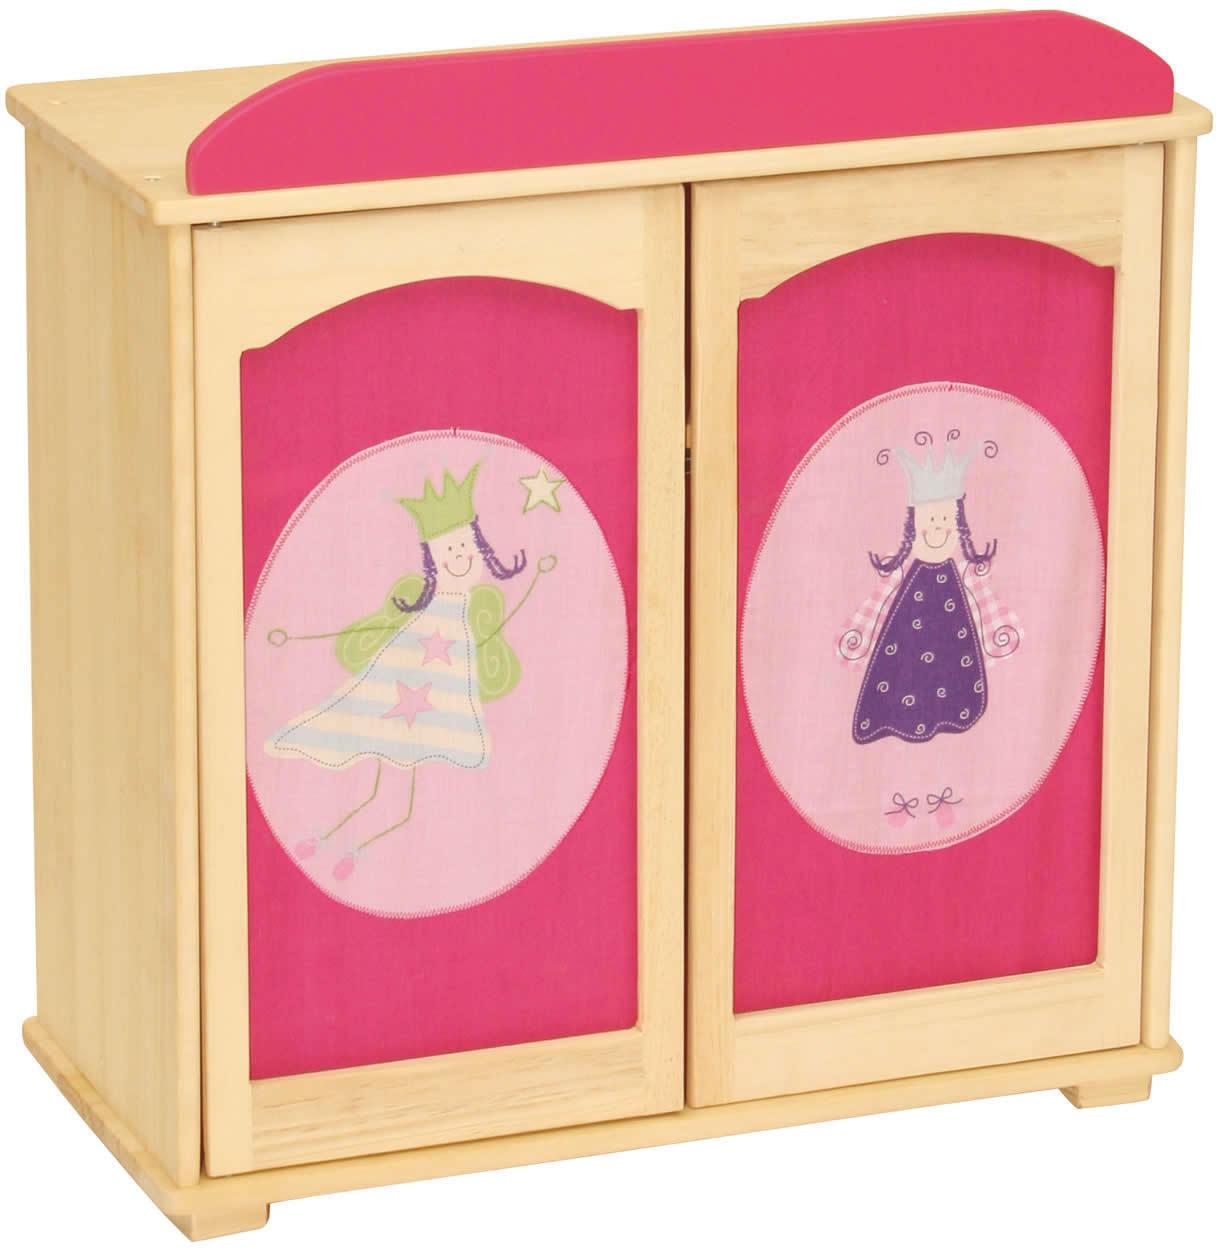 Roba Puppenkleiderschrank Happy Fee Kleiderschrank Puppen Schrank Holz  |rfee